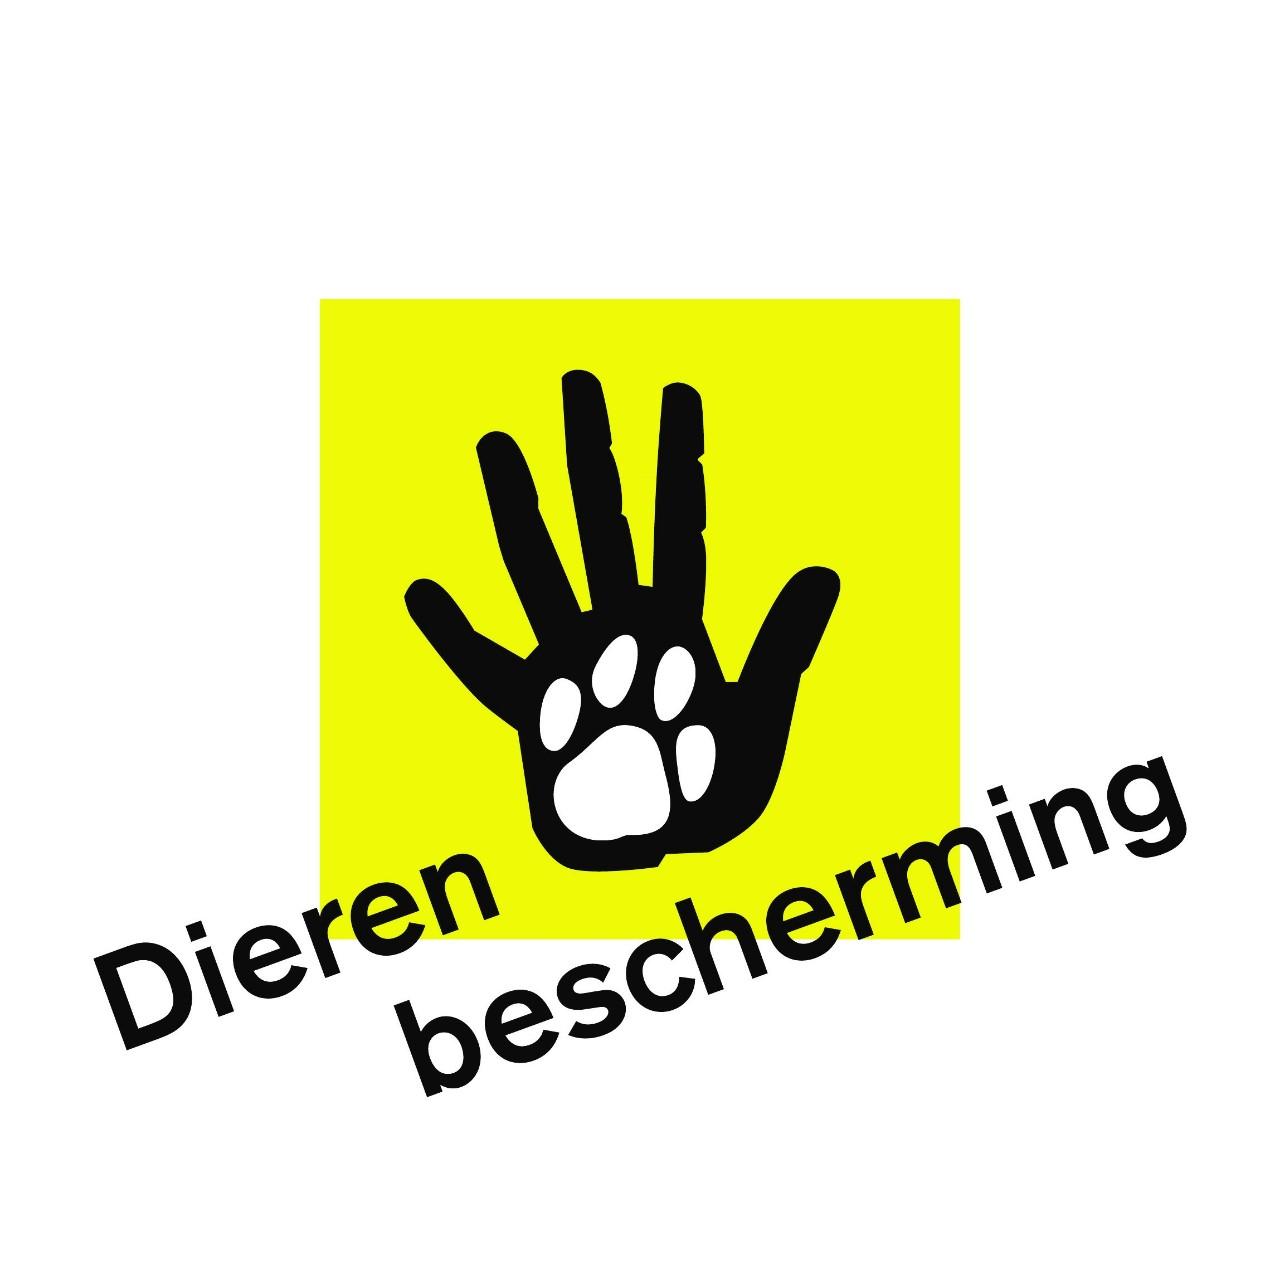 Nederlandse Dierenbescherming # (1)